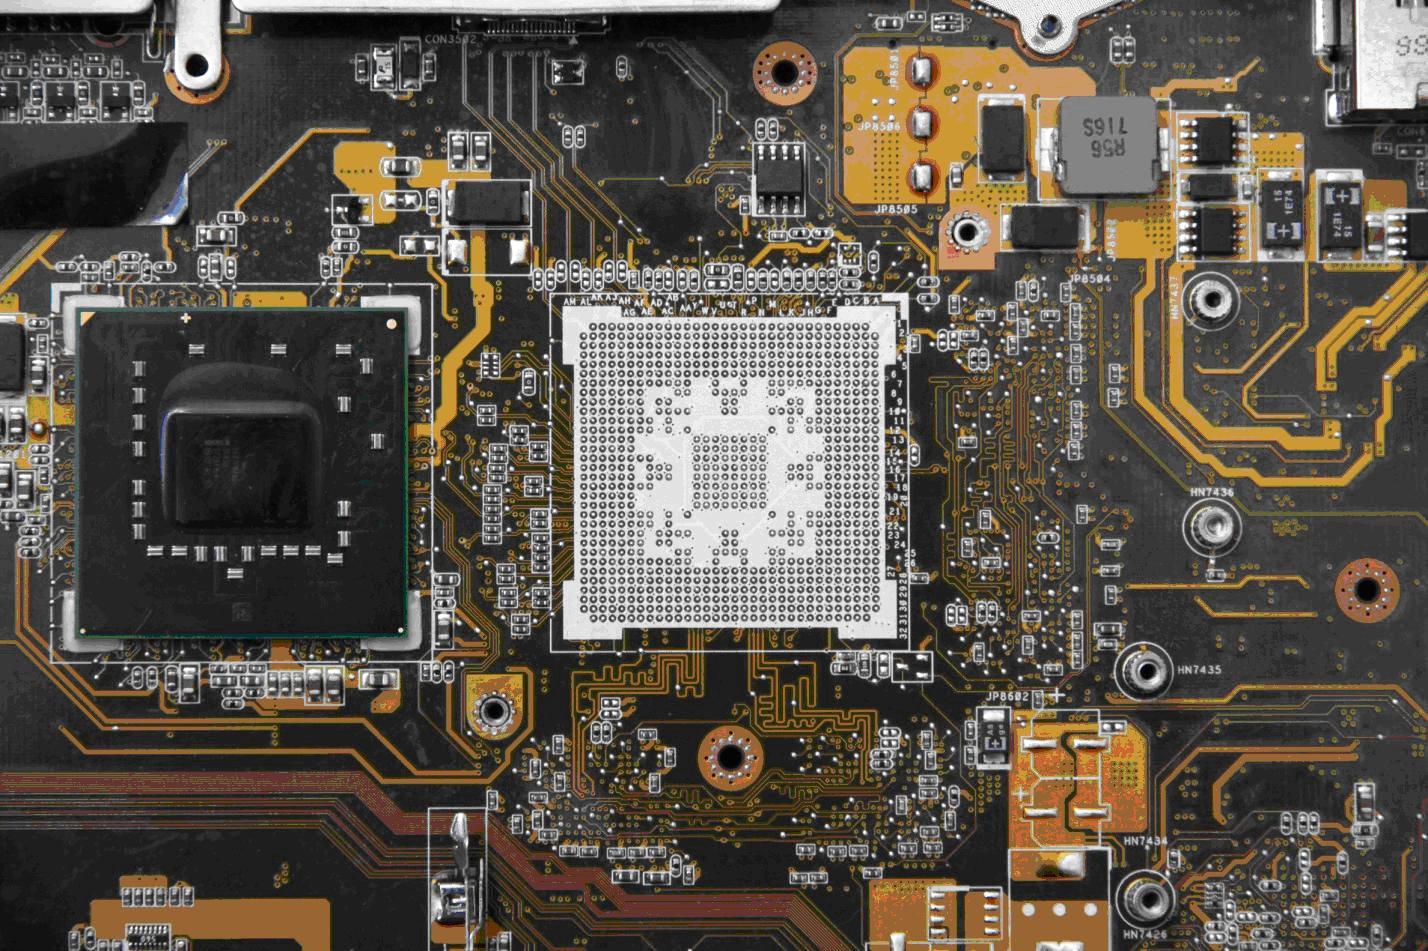 у ноутбука asus- можно заменить процессор на более мощный